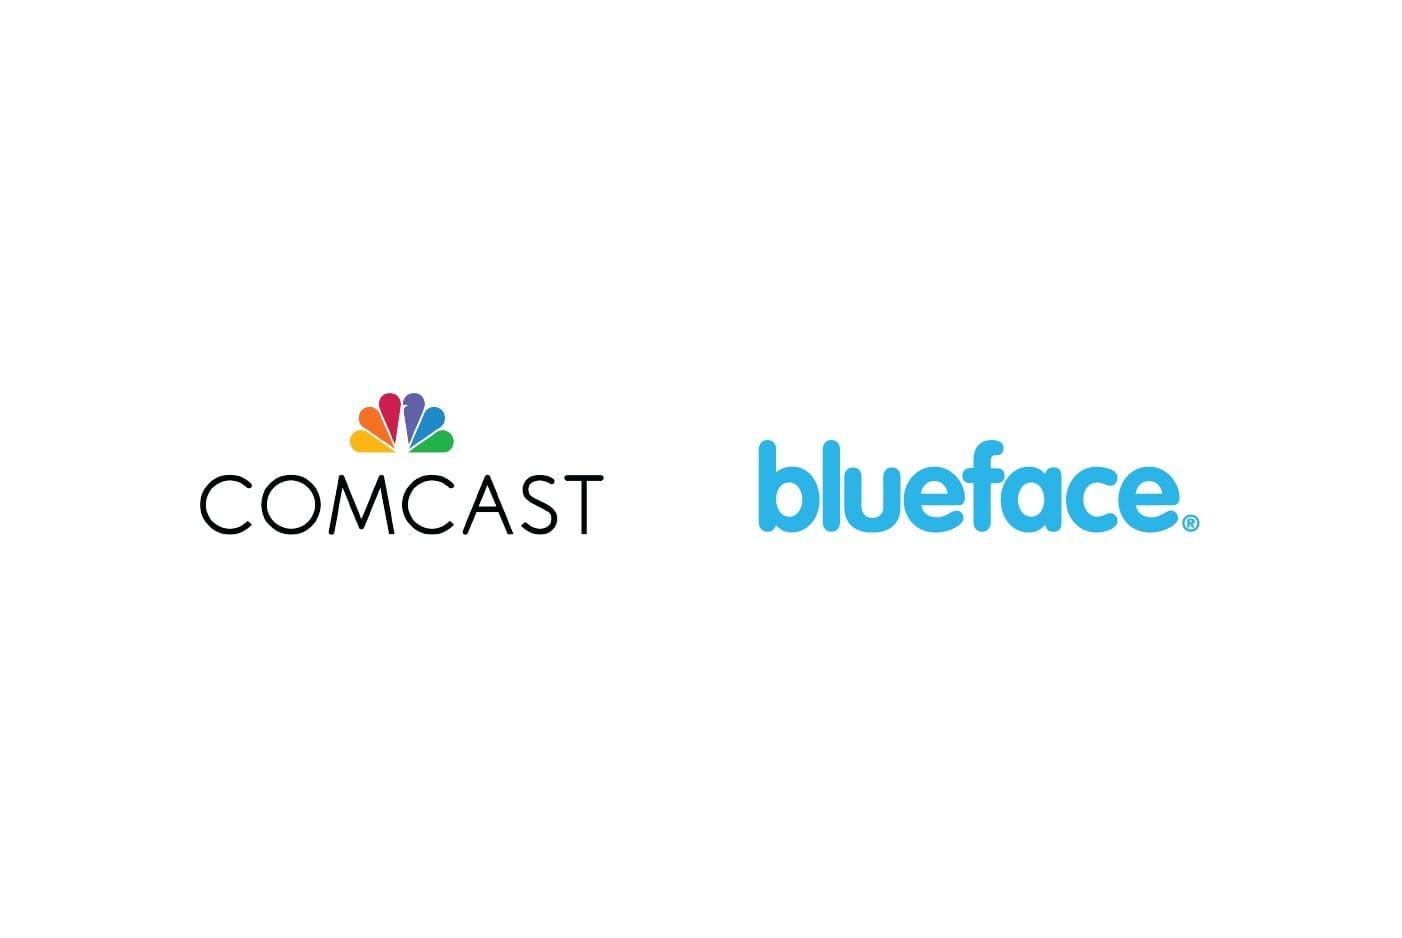 blueface-comcast